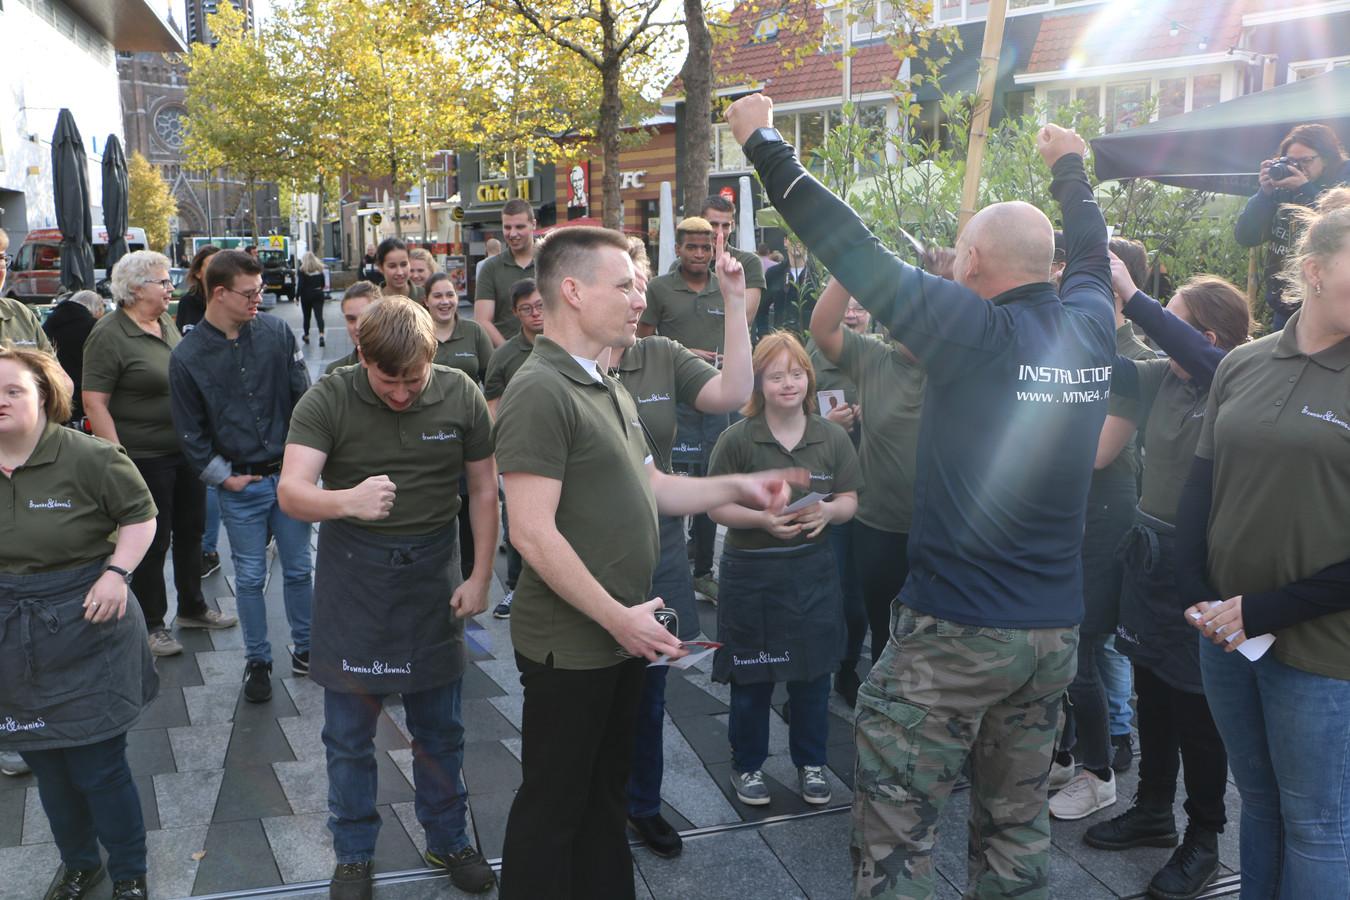 Medewerkers van Brownies & Downies kregen een bootcamp van marineveteranen.